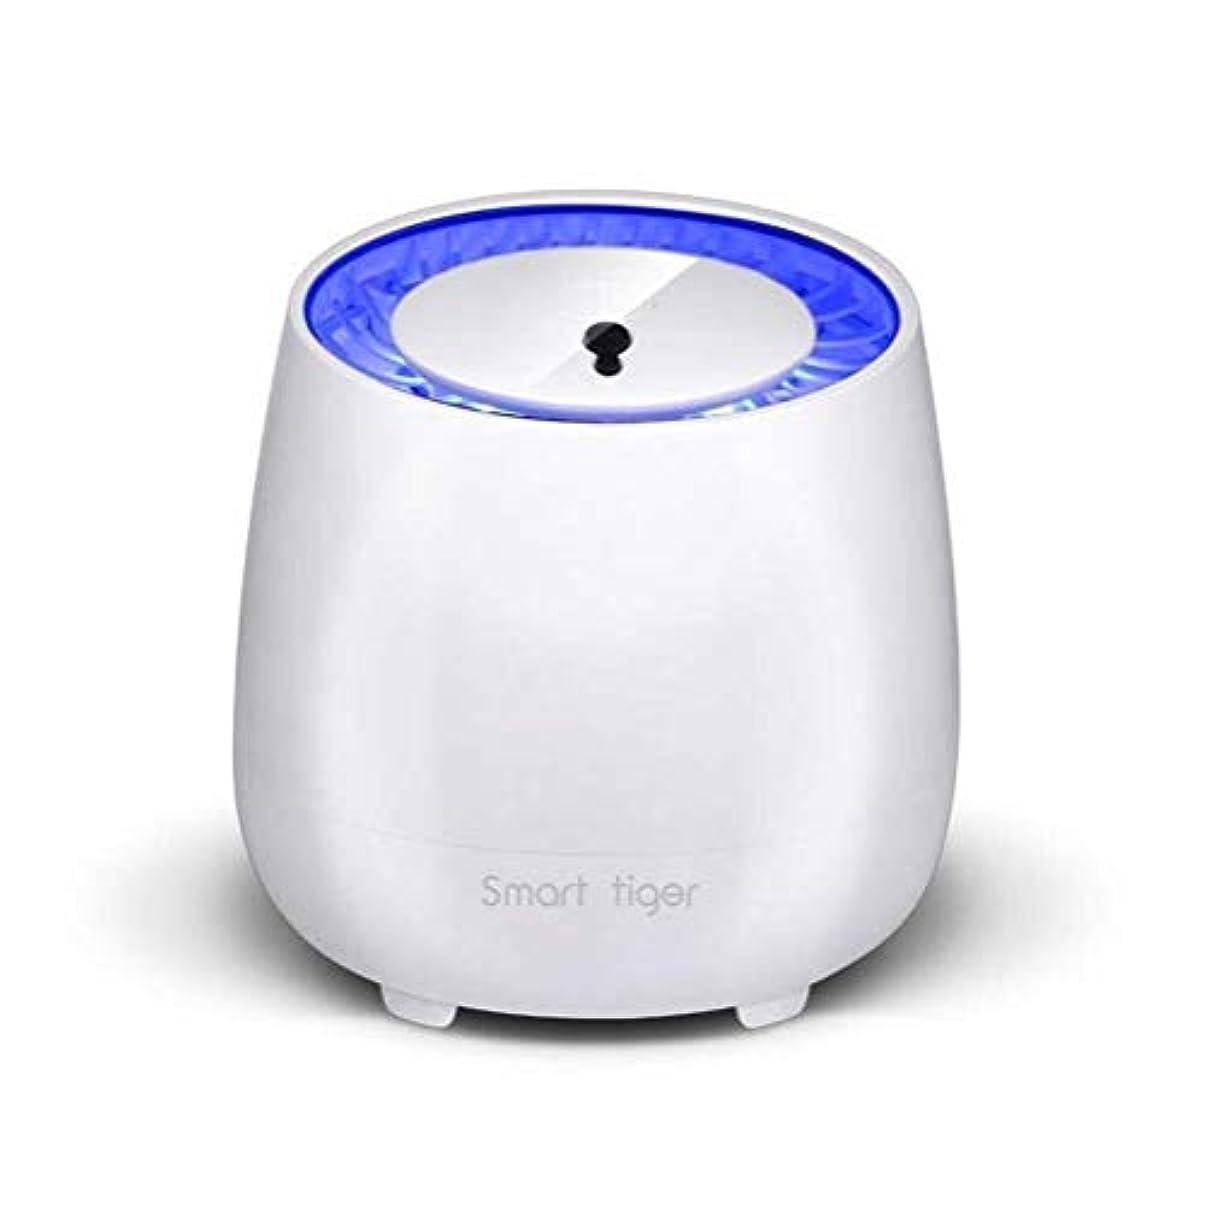 レモン推定私たちの屋外/家の光触媒の蚊のキラー、放射無し超静かなLEDの電子カのキラー、USBの充満/作り付け電池理性的な光制御 (色 : 白)